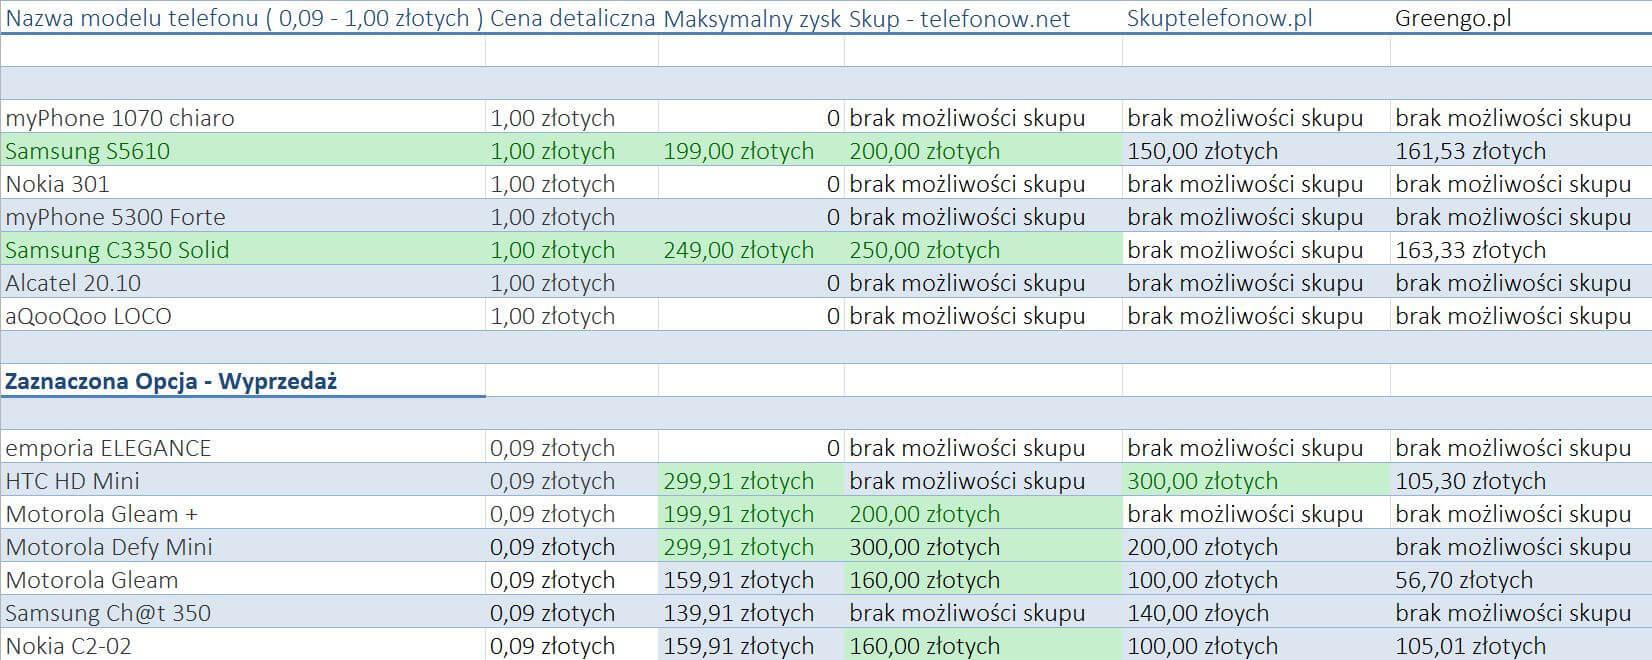 aktualne-oferty-sprzedazy-telefonow-od-009-1zl-SKUP